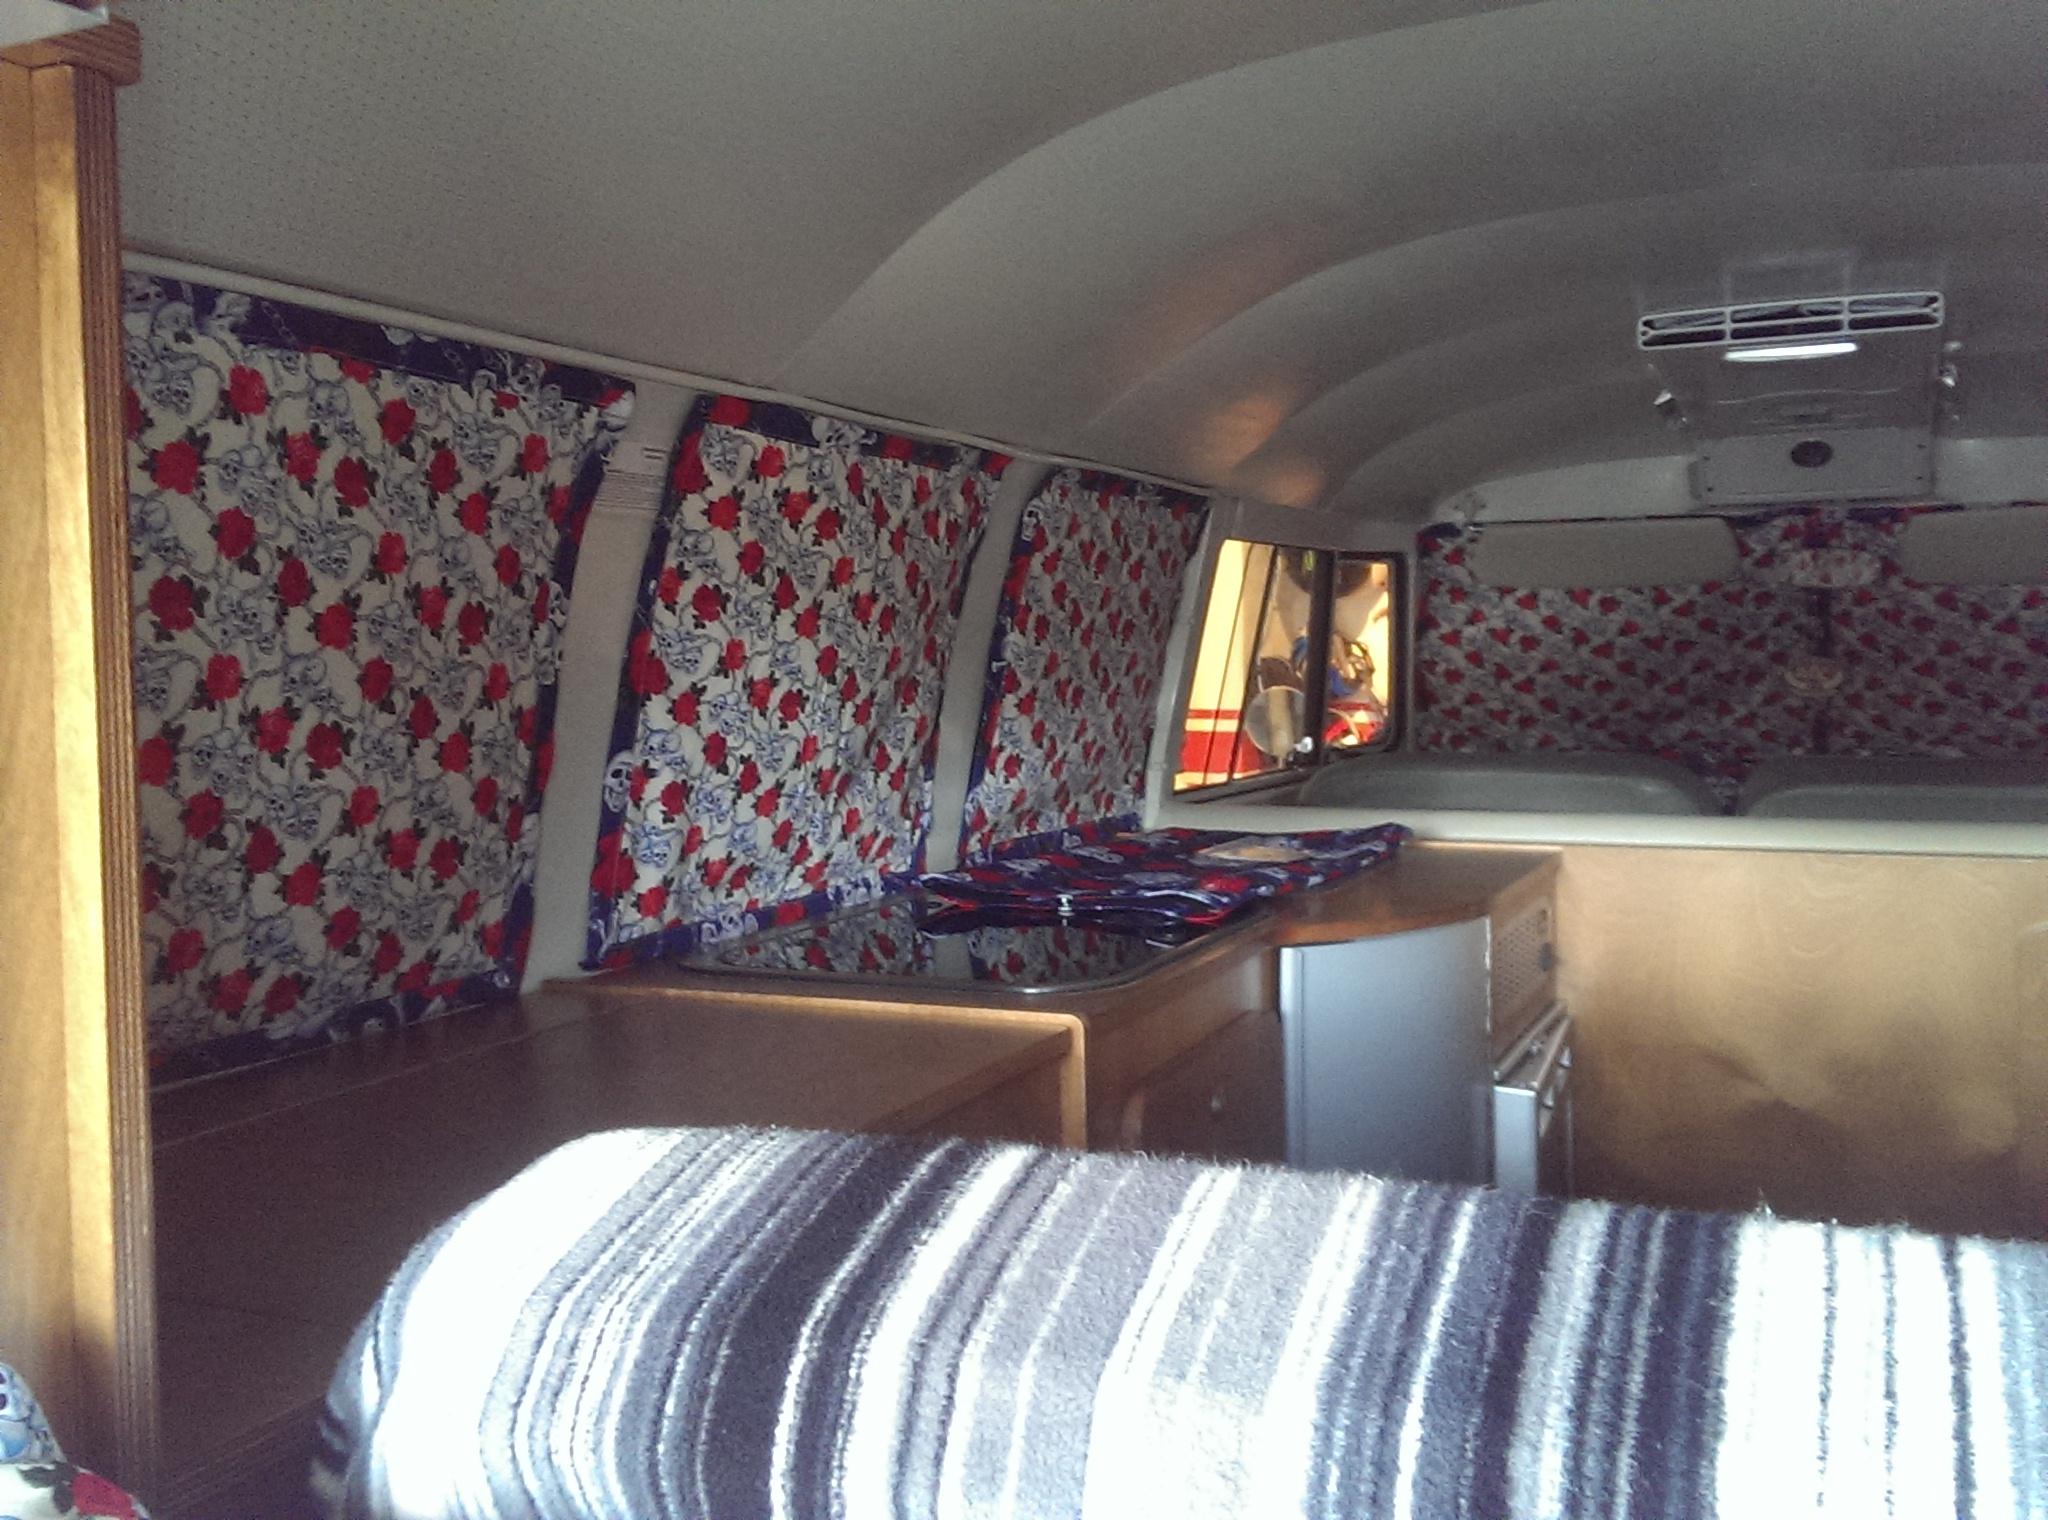 camper magna blinds  Delilahs VW Camper Furnishings